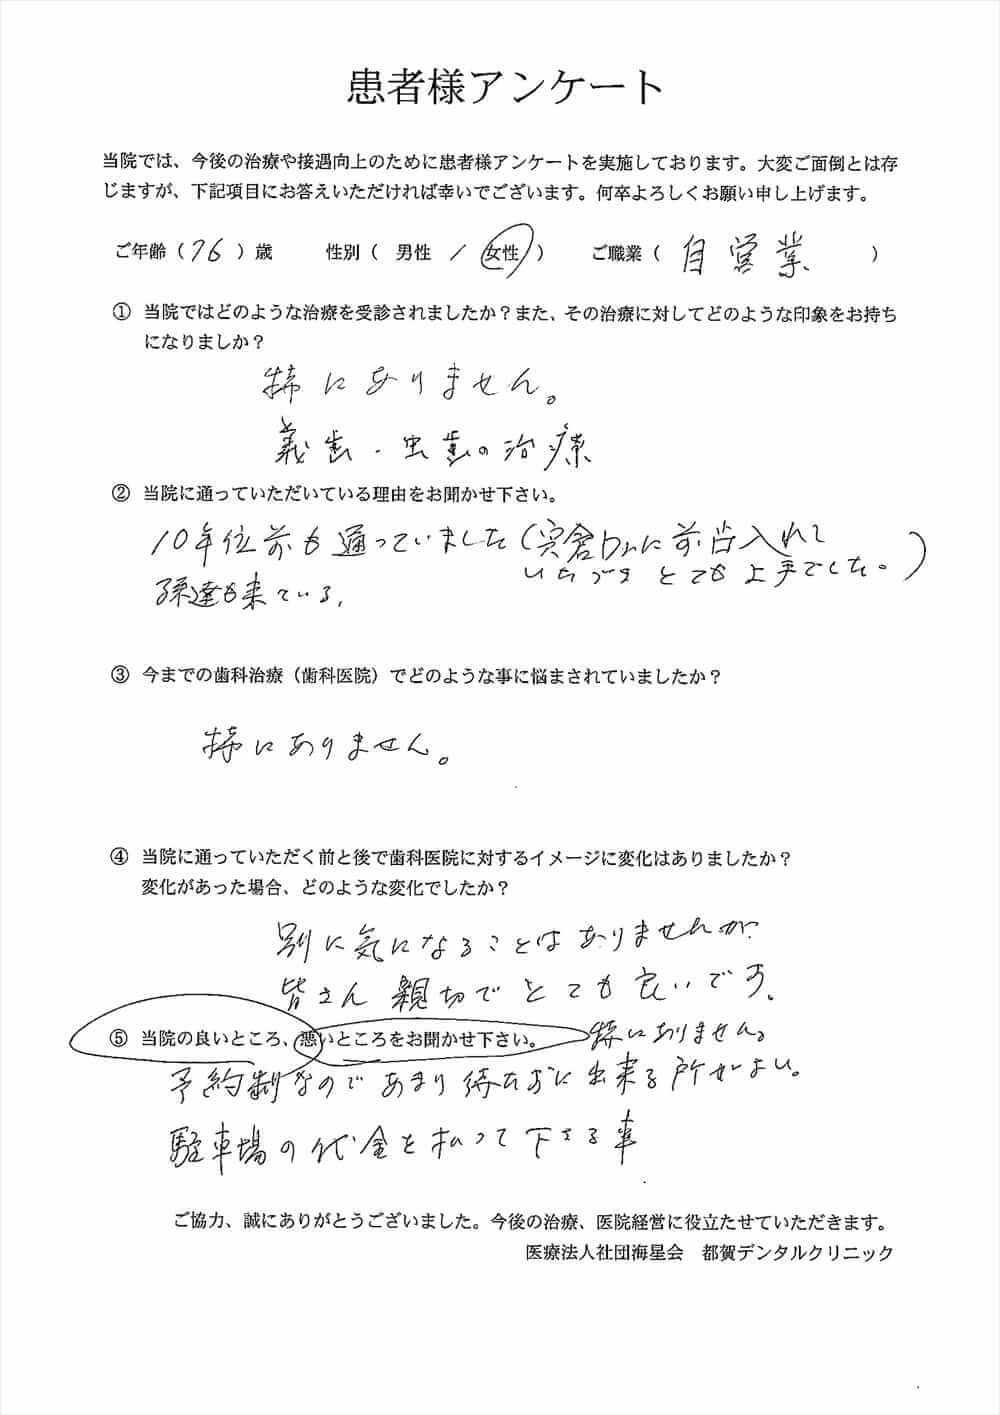 都賀デンタルクリニックの口コミアンケート1